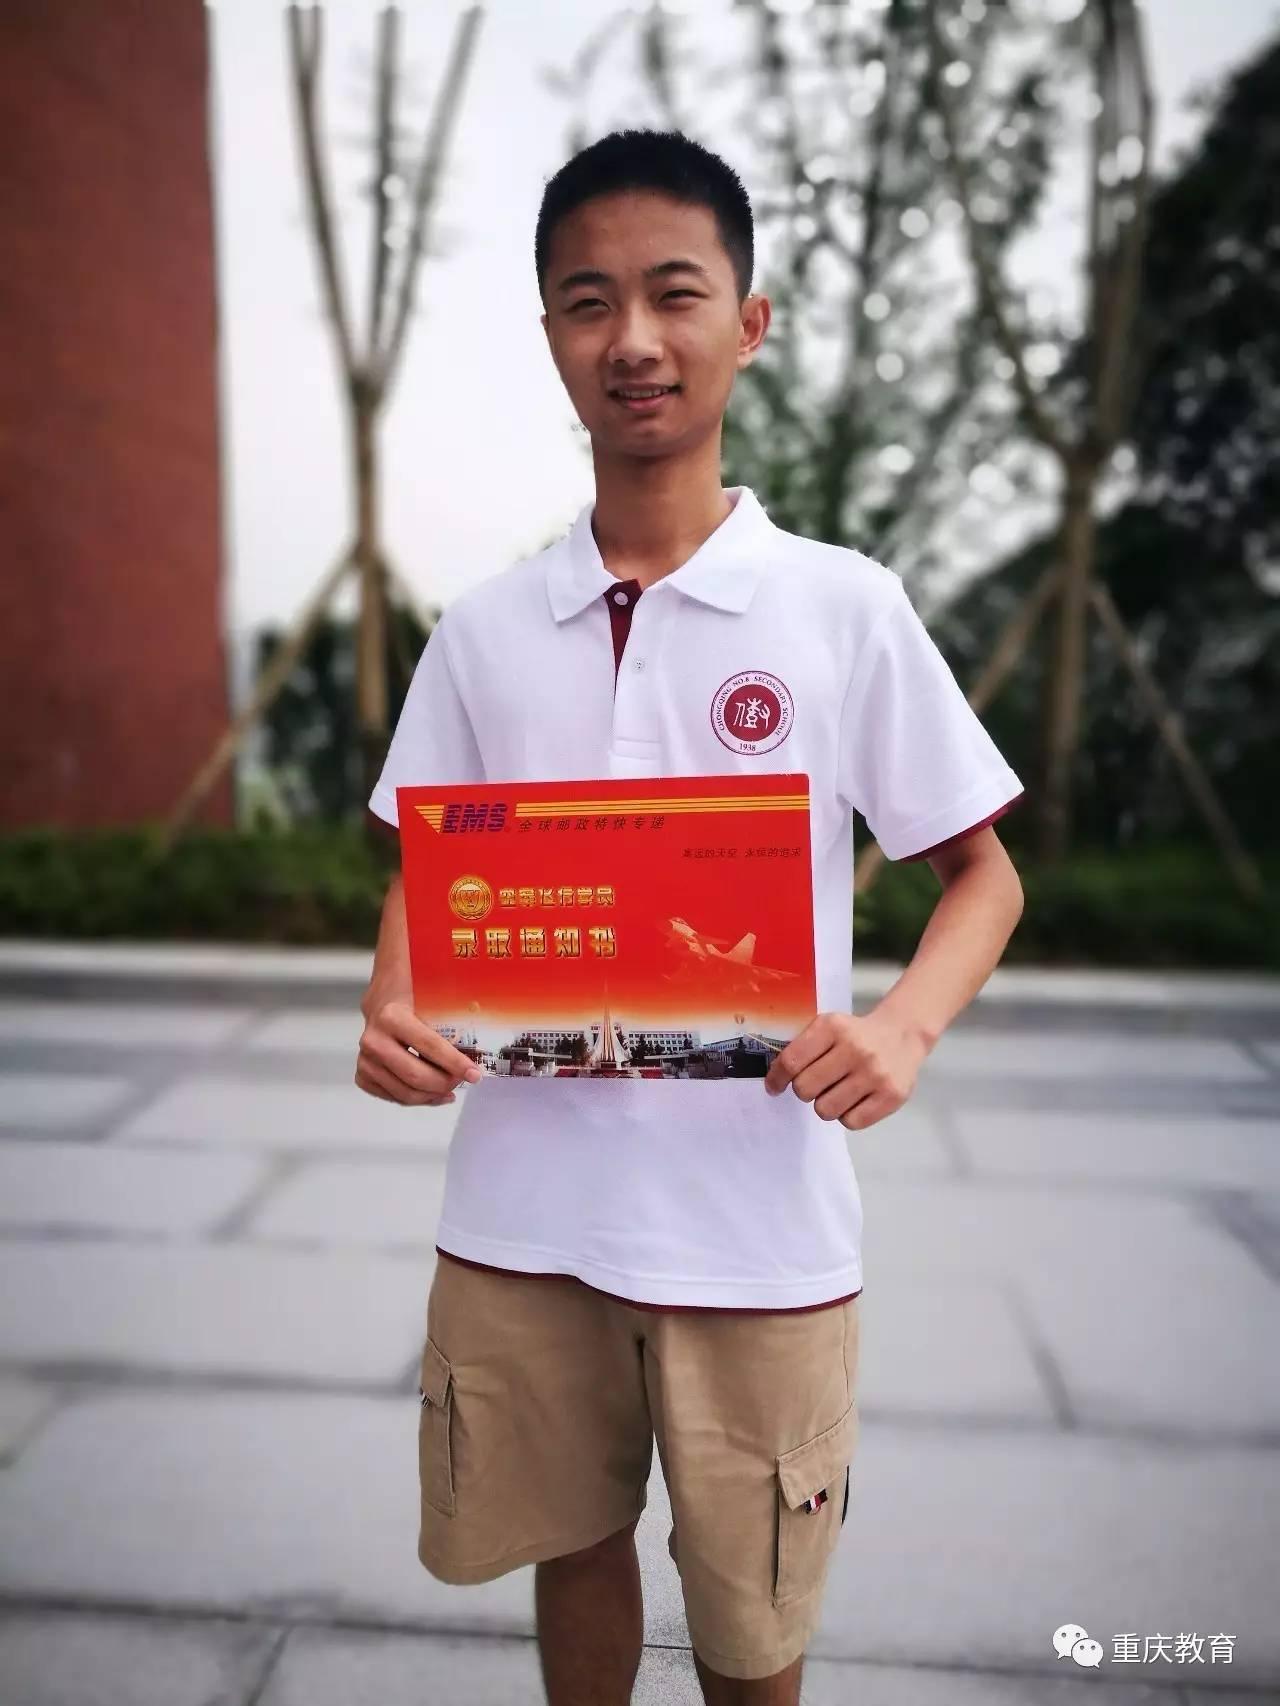 教育 正文  作为理科考生,李成林今年高考总分为 655分,被 中国人民图片